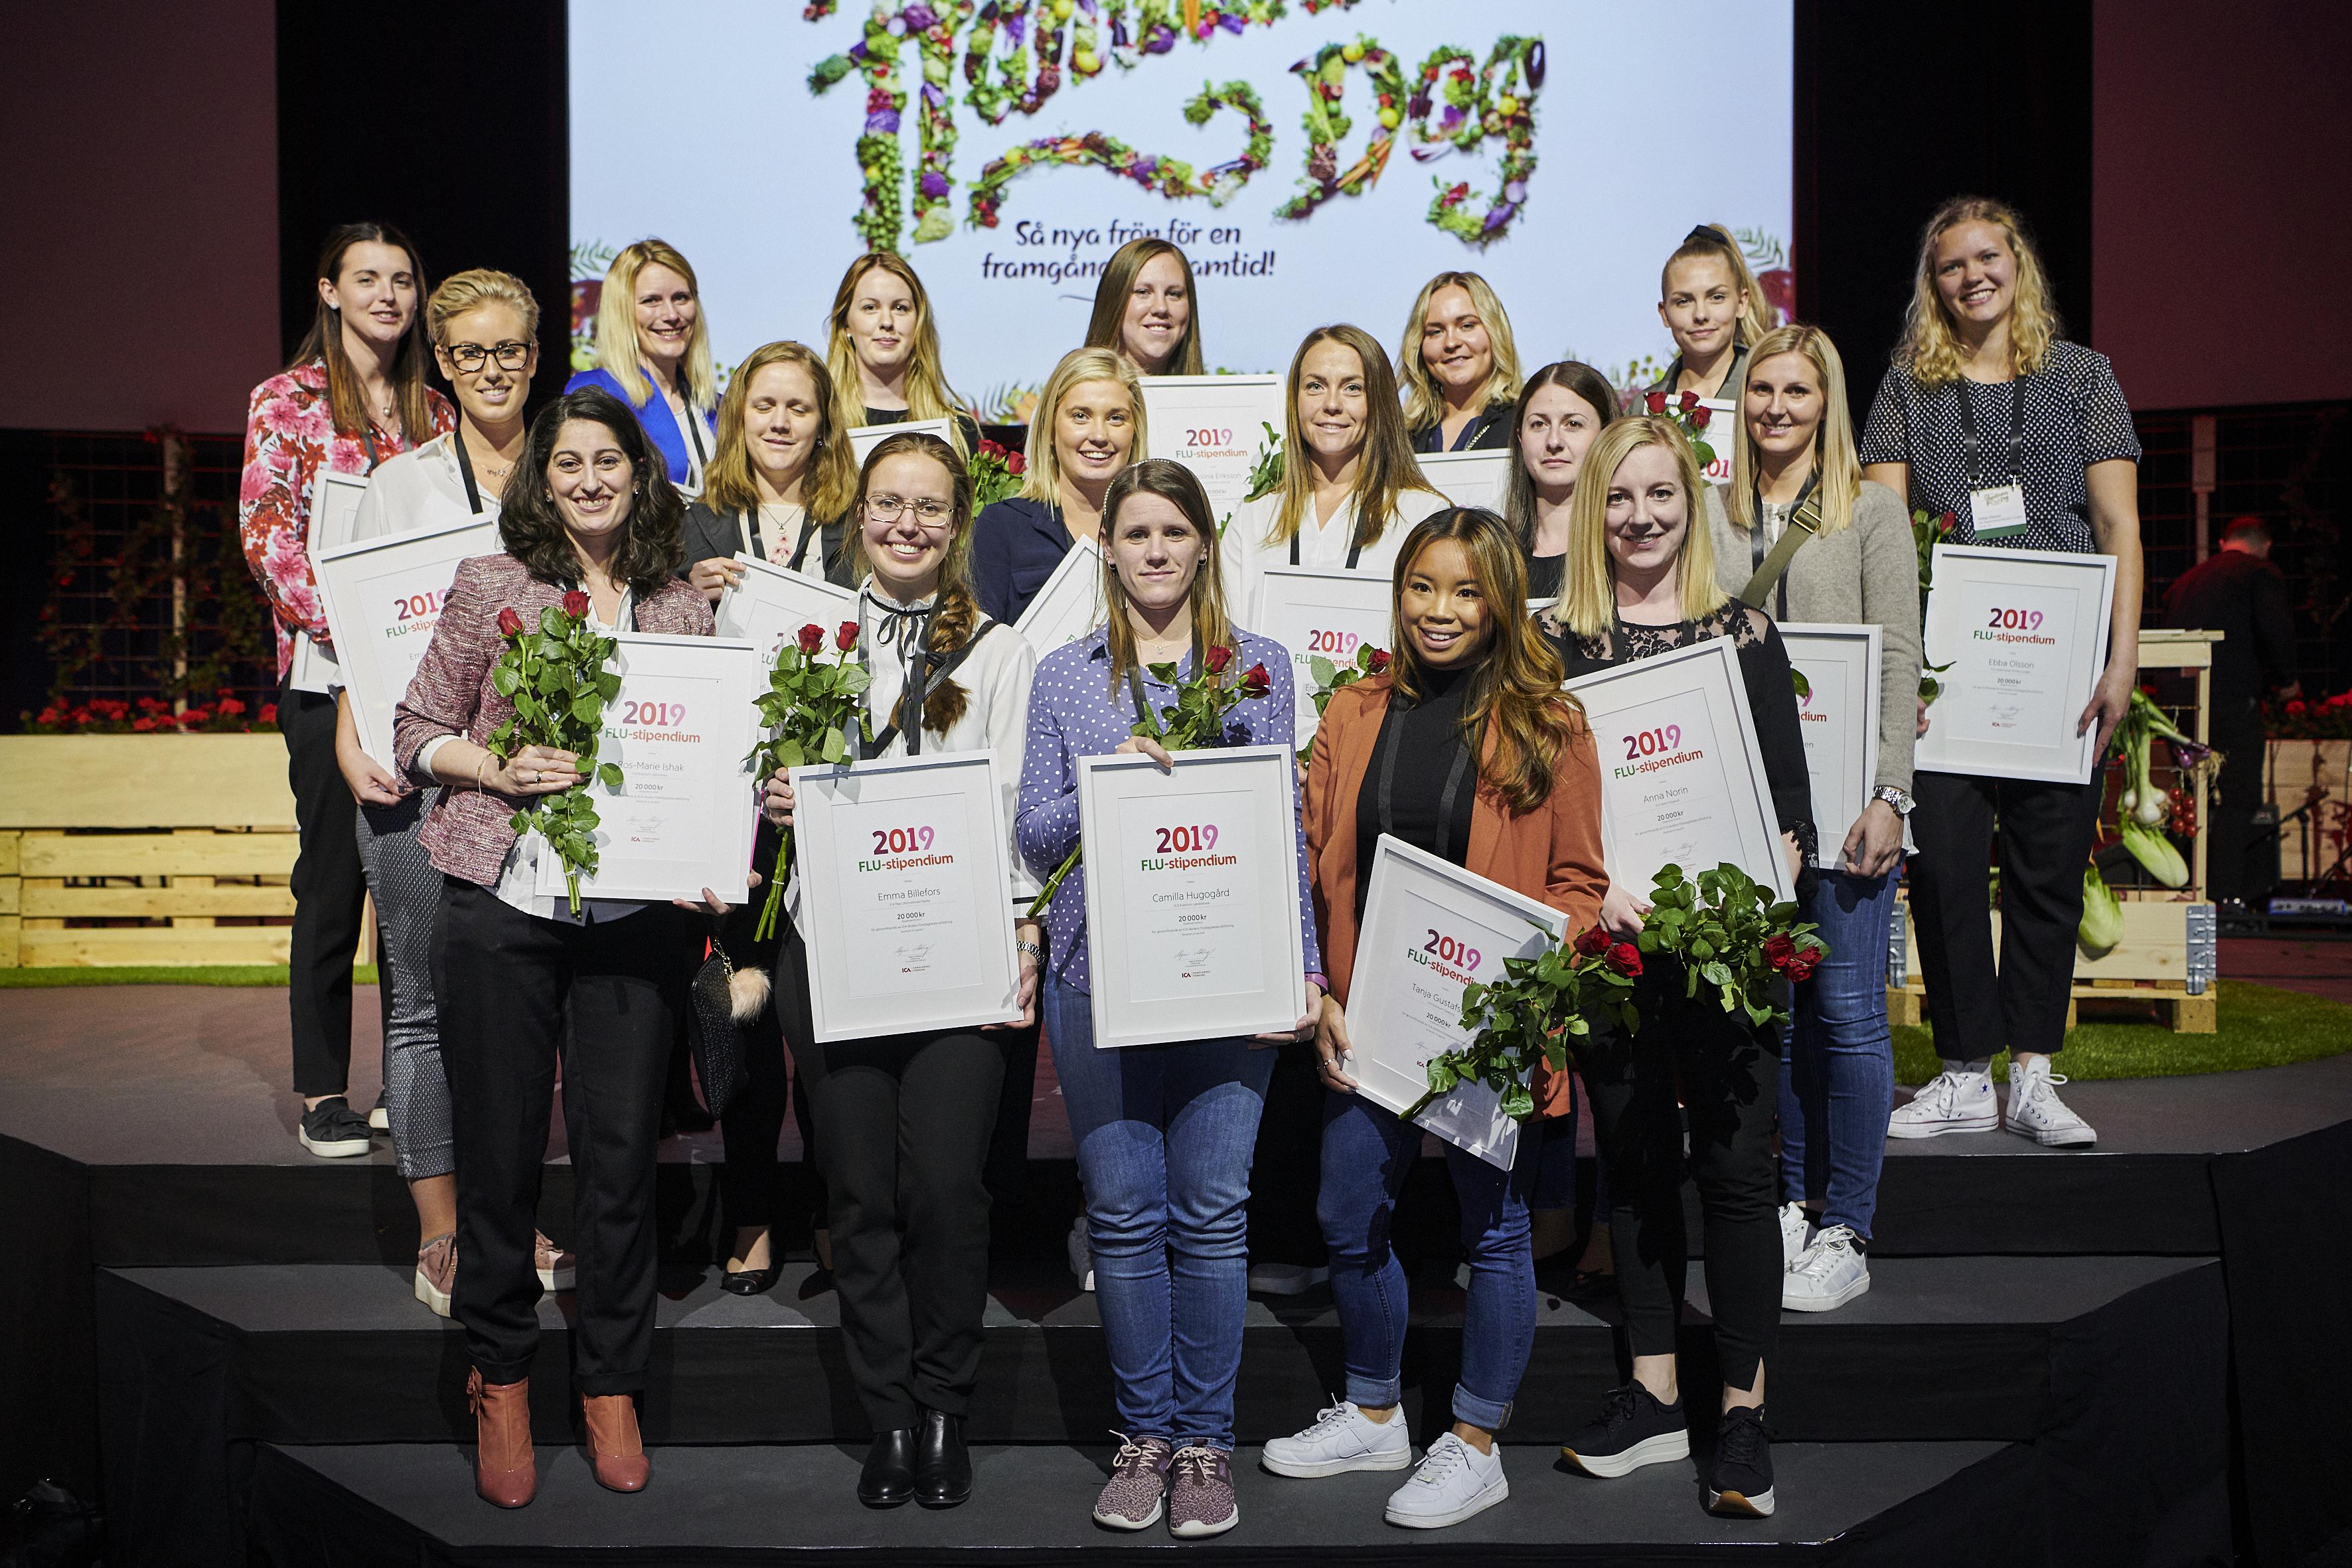 Framtidens ICA-handlare får stipendium - totalt 21 kvinnor